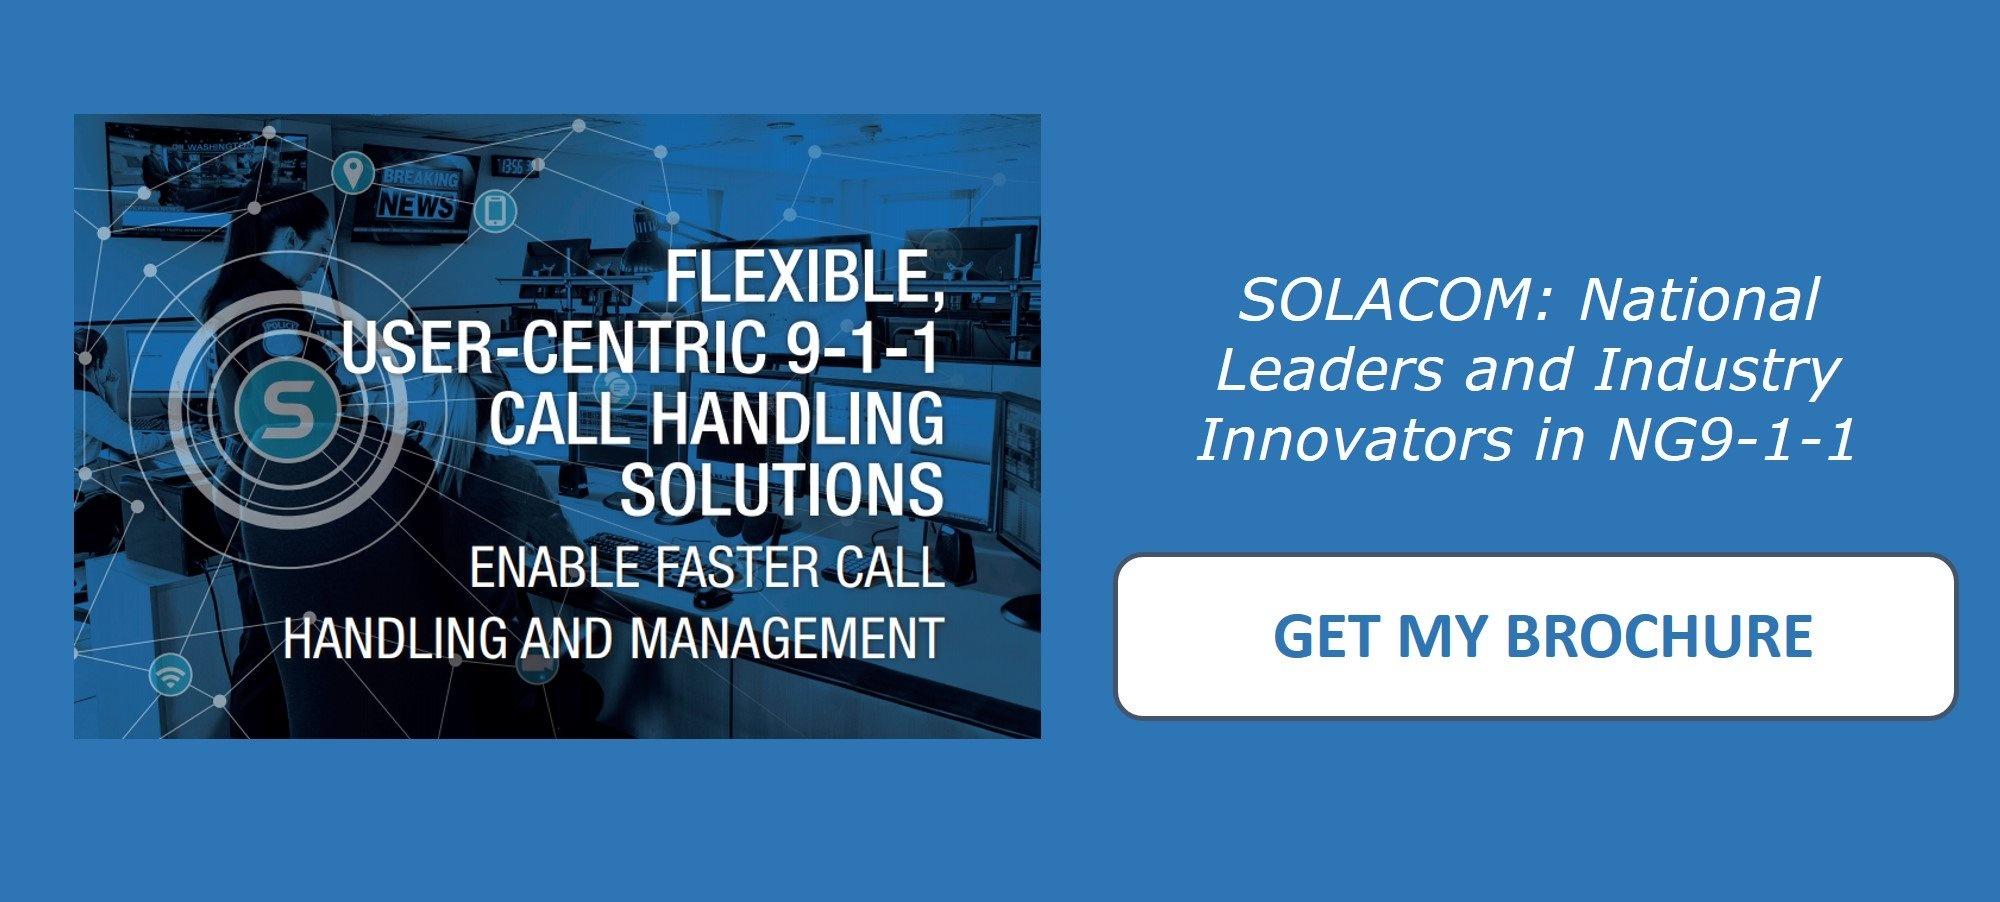 Solacom Brochure ROCK Download Offer NG9-1-1